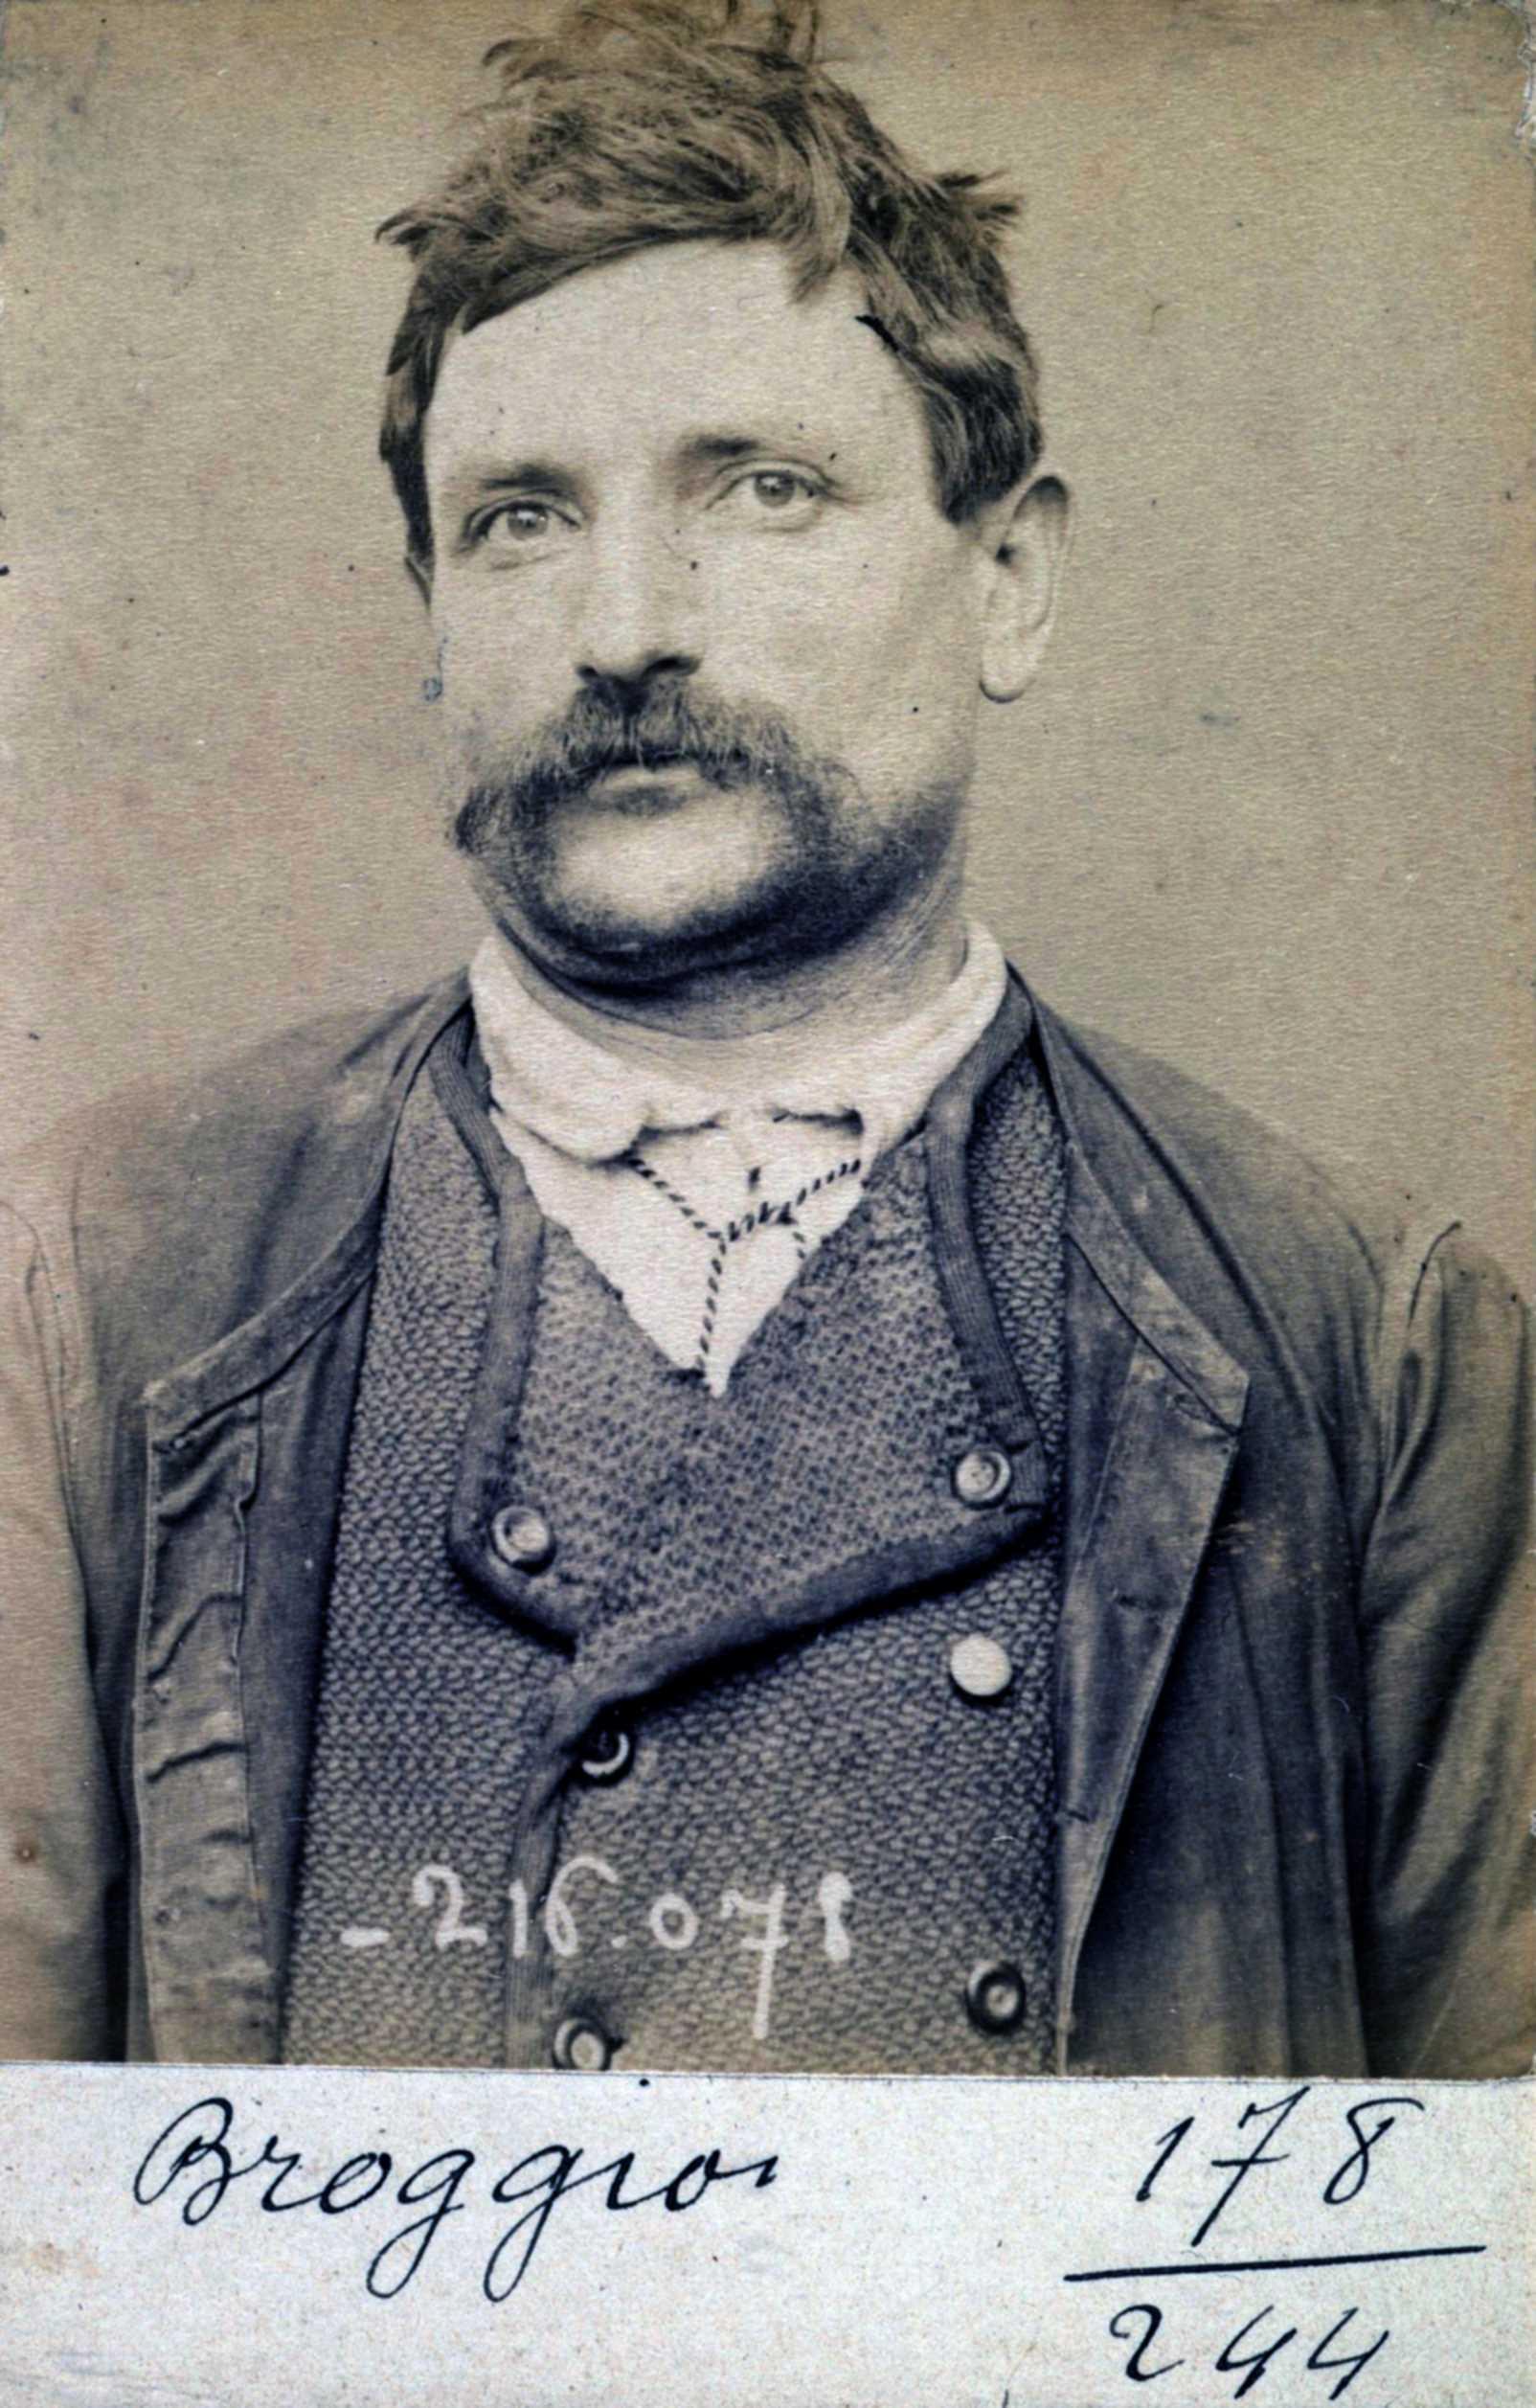 Foto policíaca de Roche Broggio (22 de març de 1894)